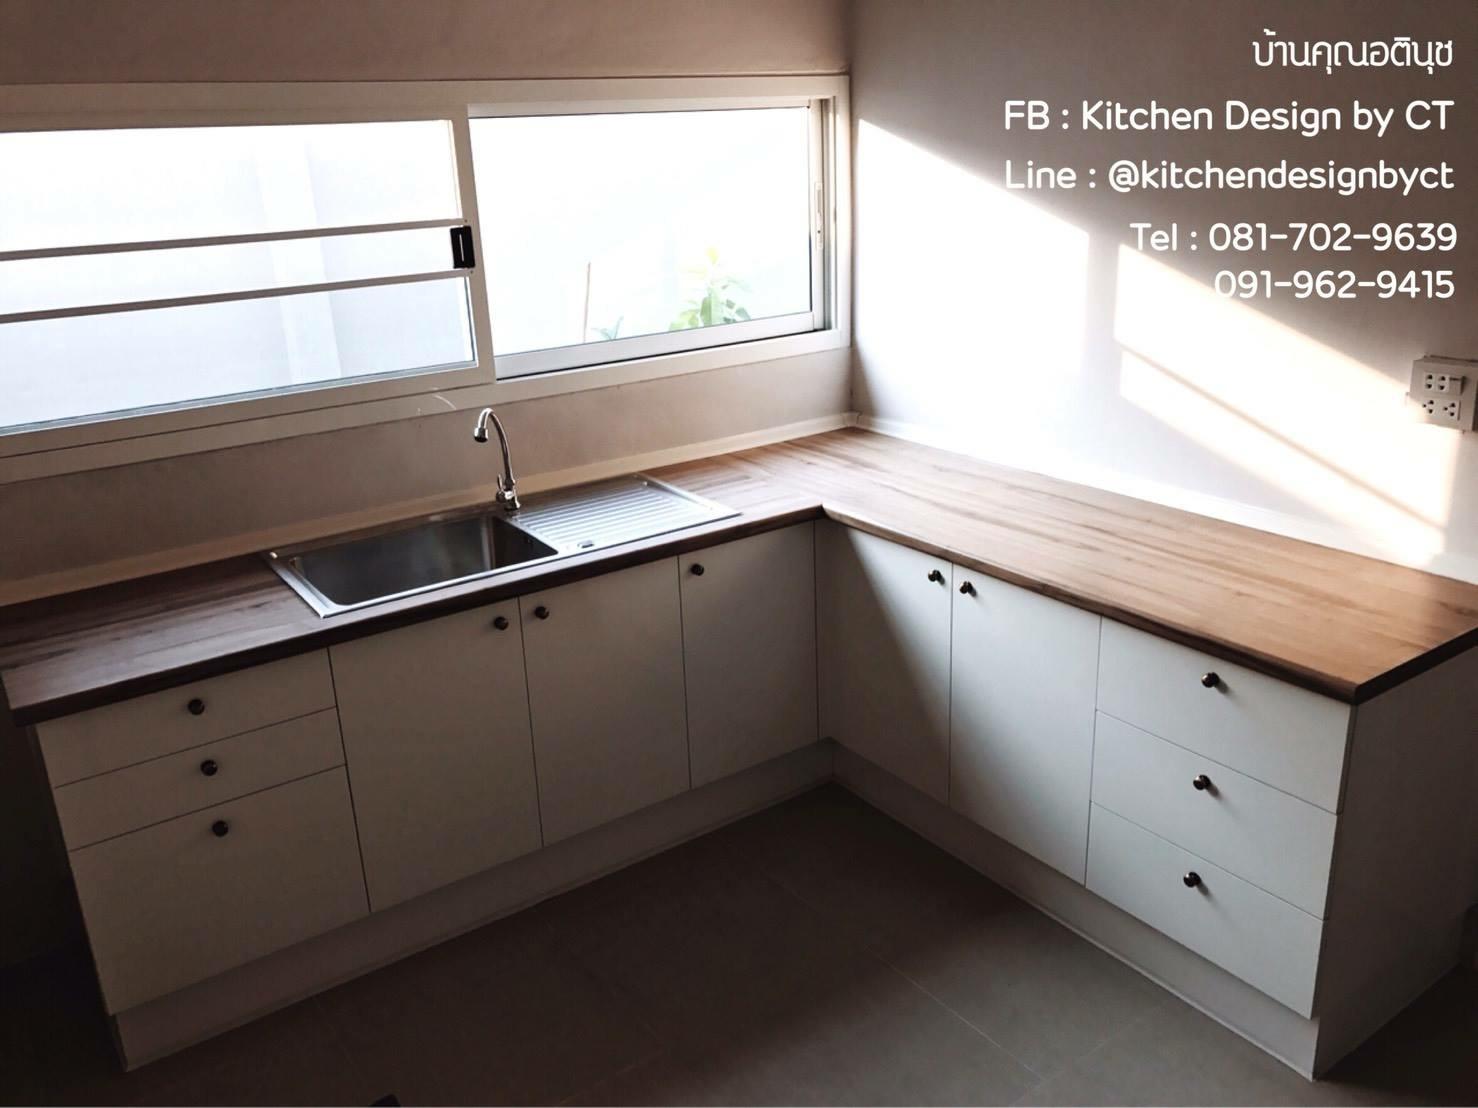 Loft Style Built-in Kitchen (ชุดครัวบิวท์อินท๊อปลายไม้สไตล์ลอฟท์)